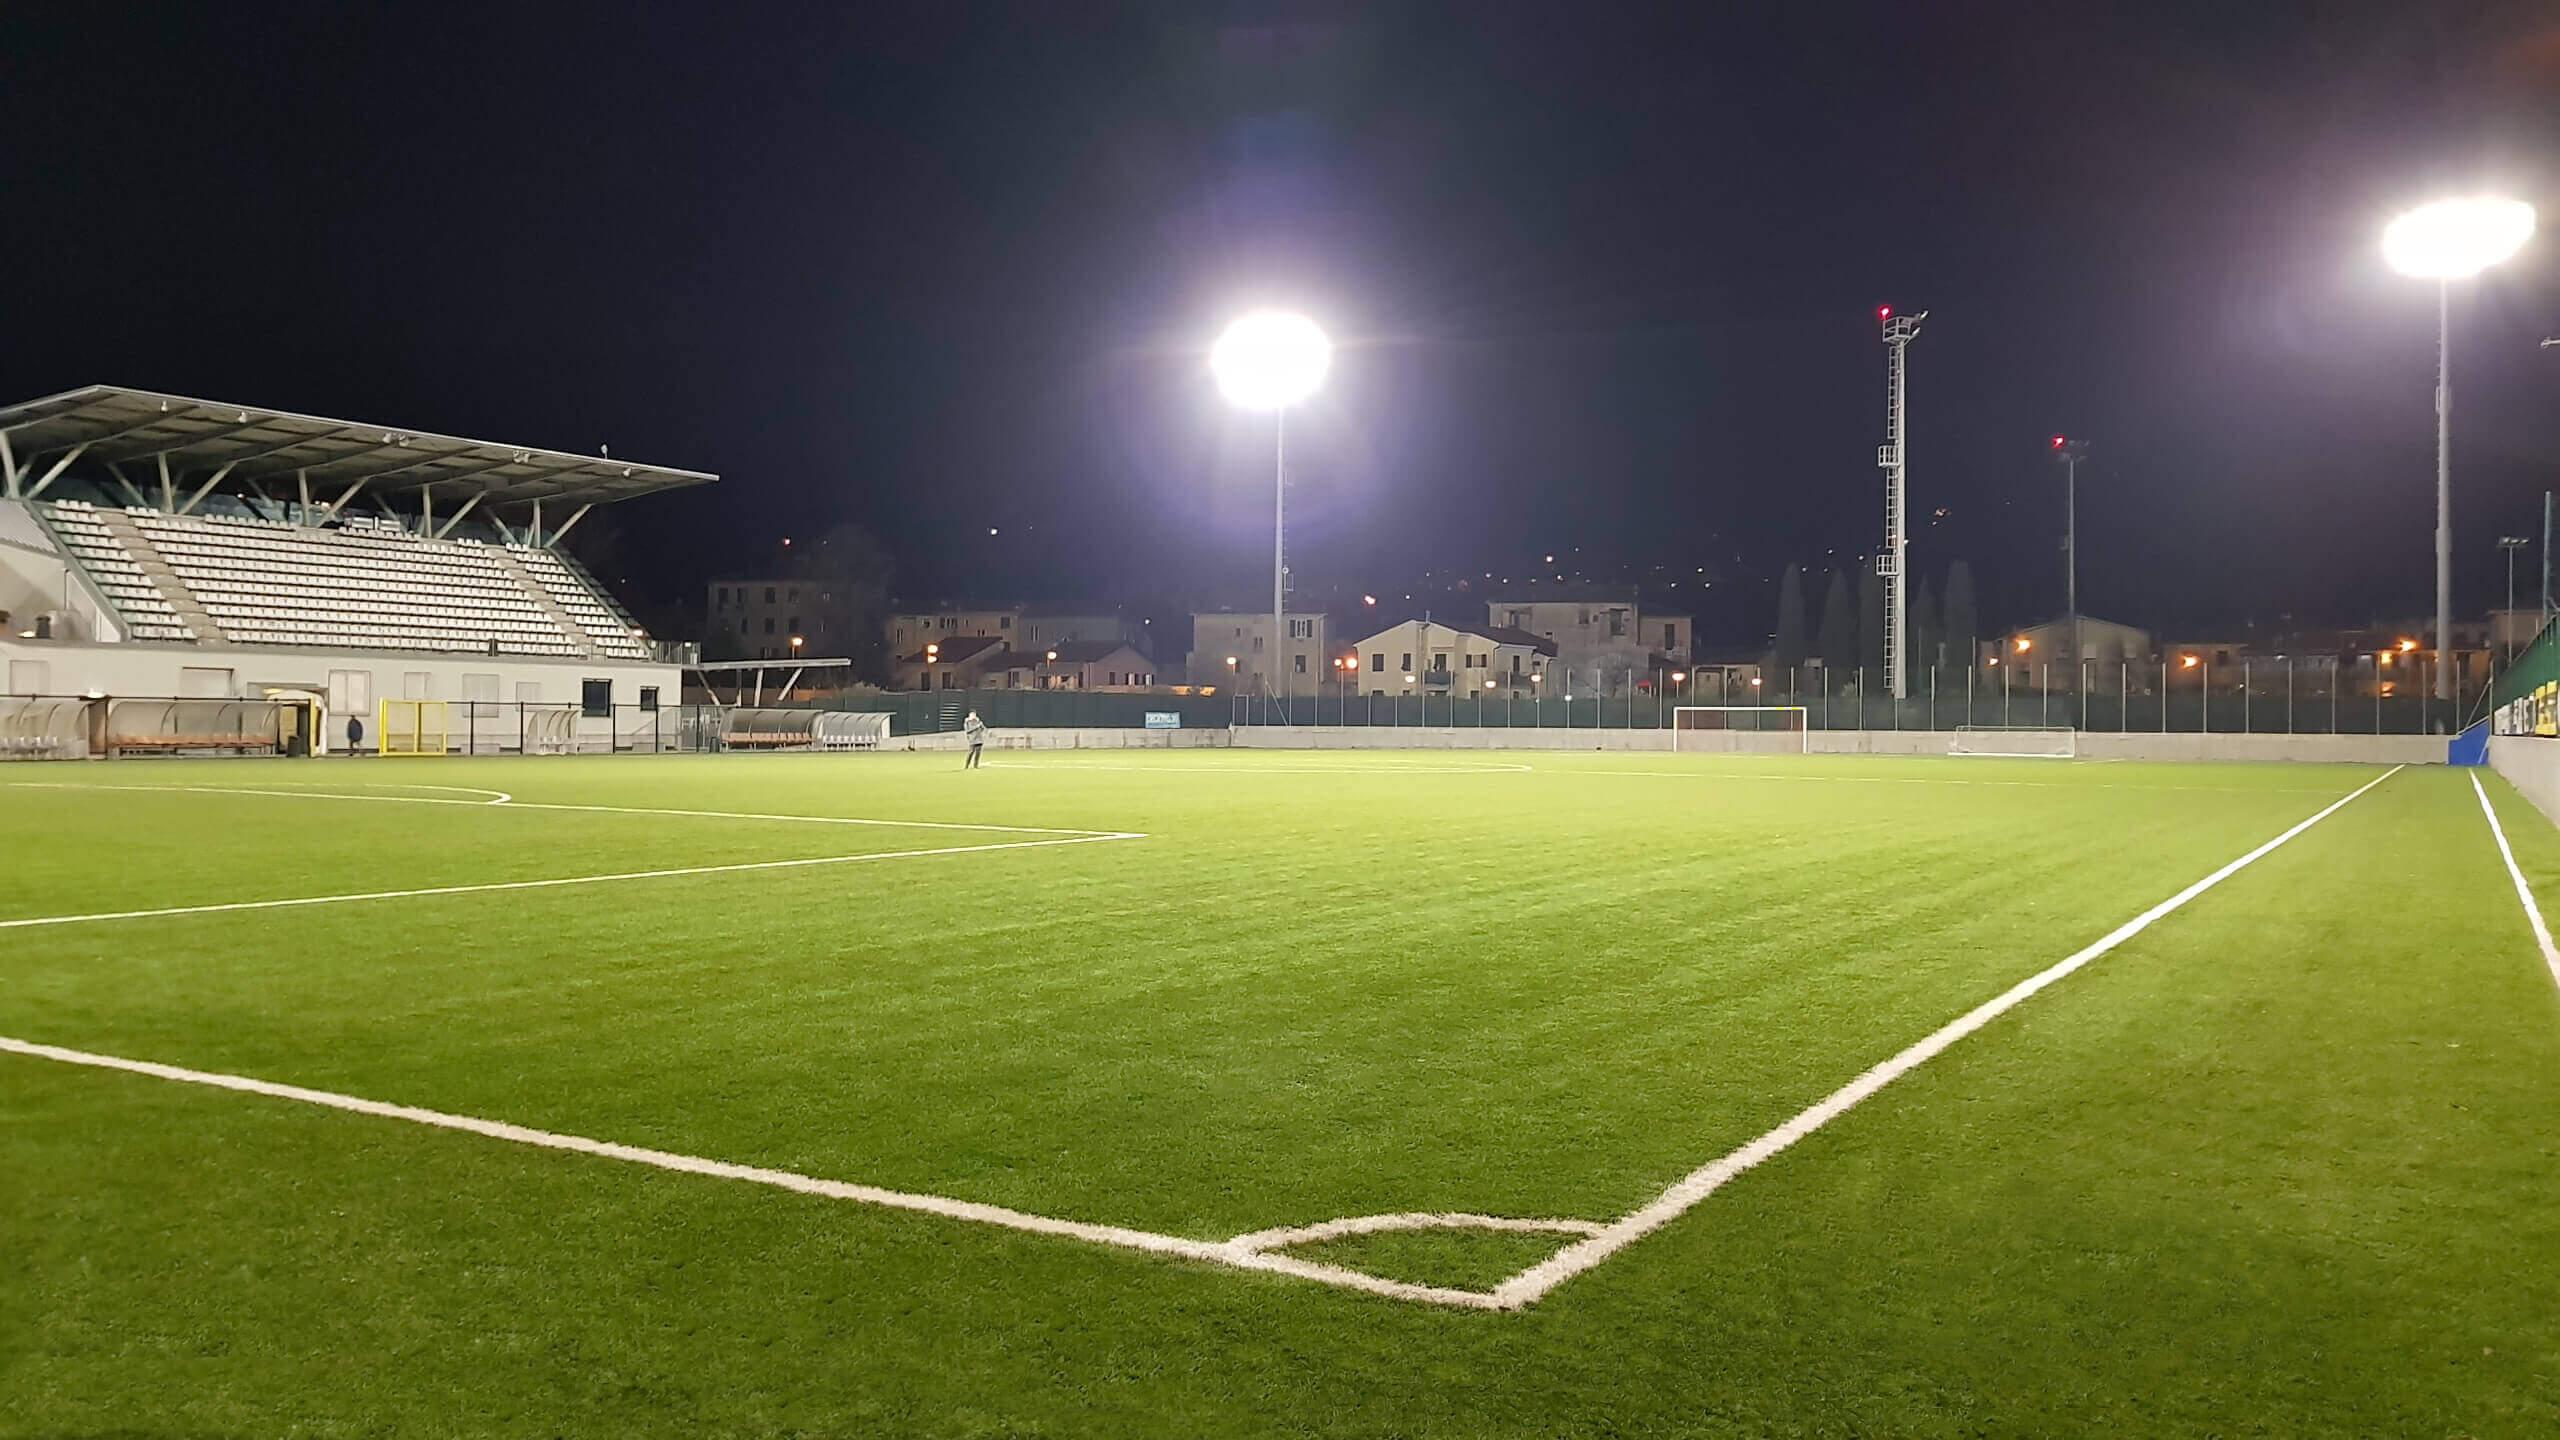 Centro-sportivo-ferdeghini-spezia-calcio-2